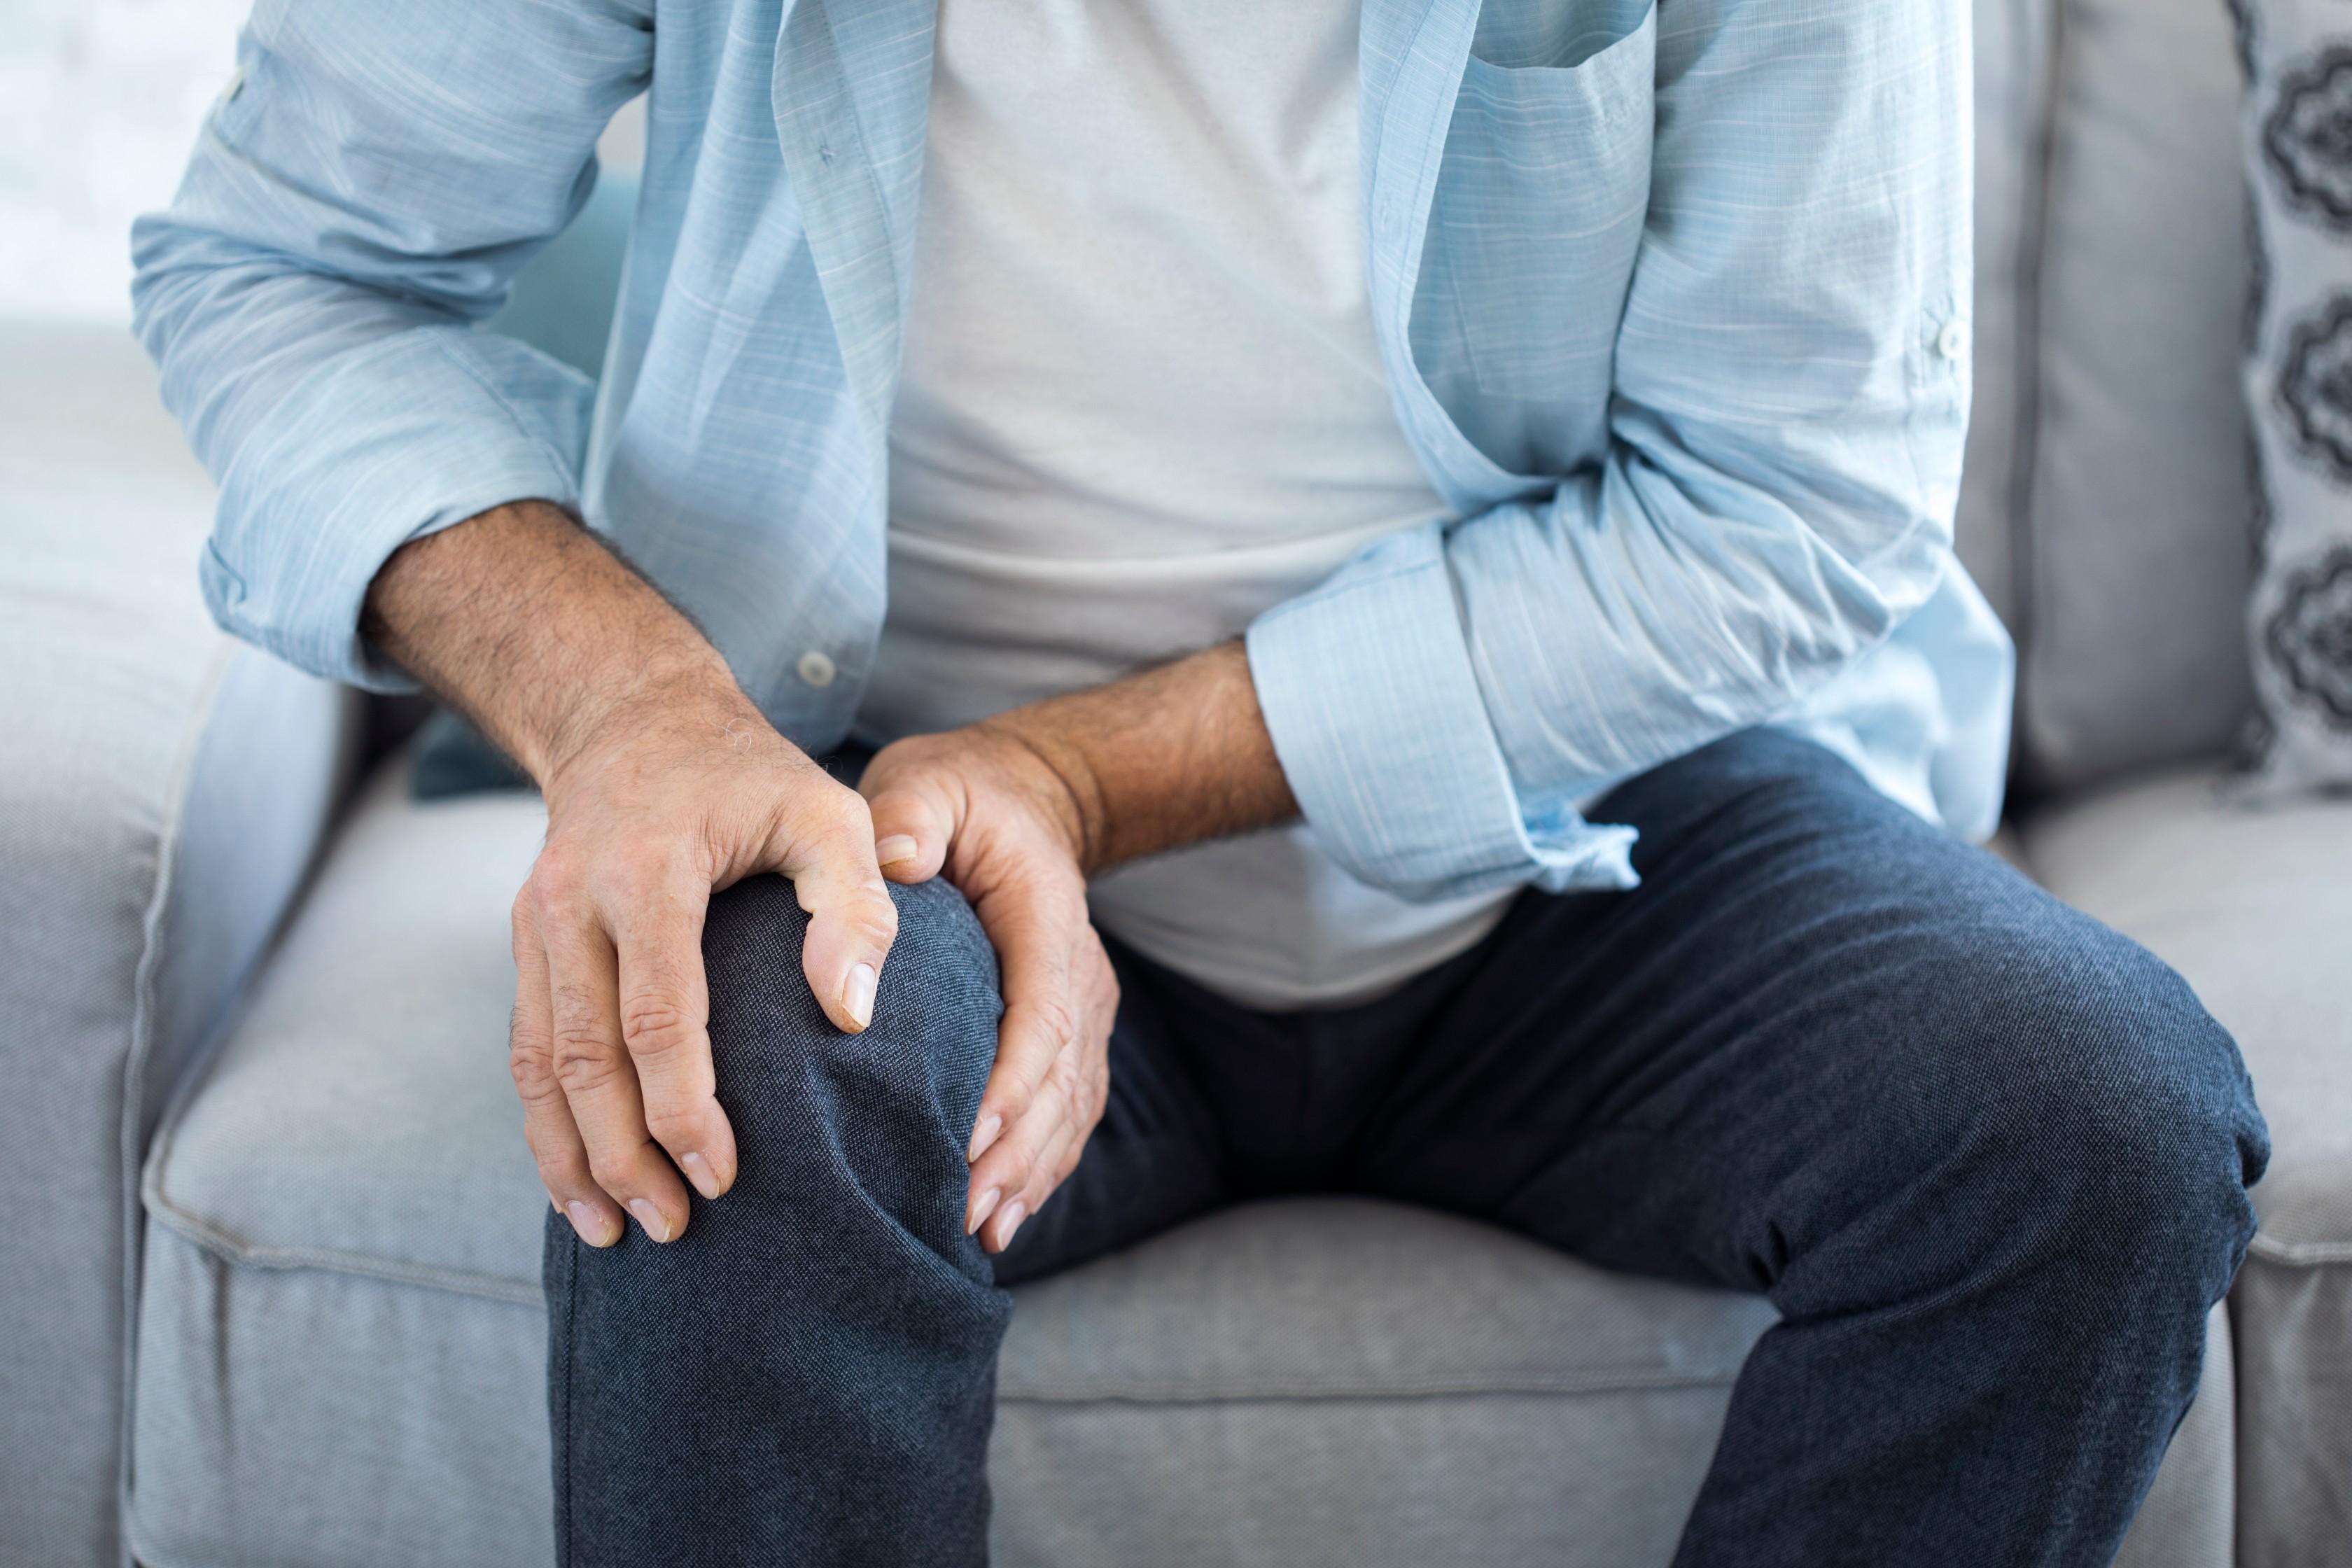 ízületi fájdalom a lábak karjain éles fájdalom a könyökízületben nyújtás közben